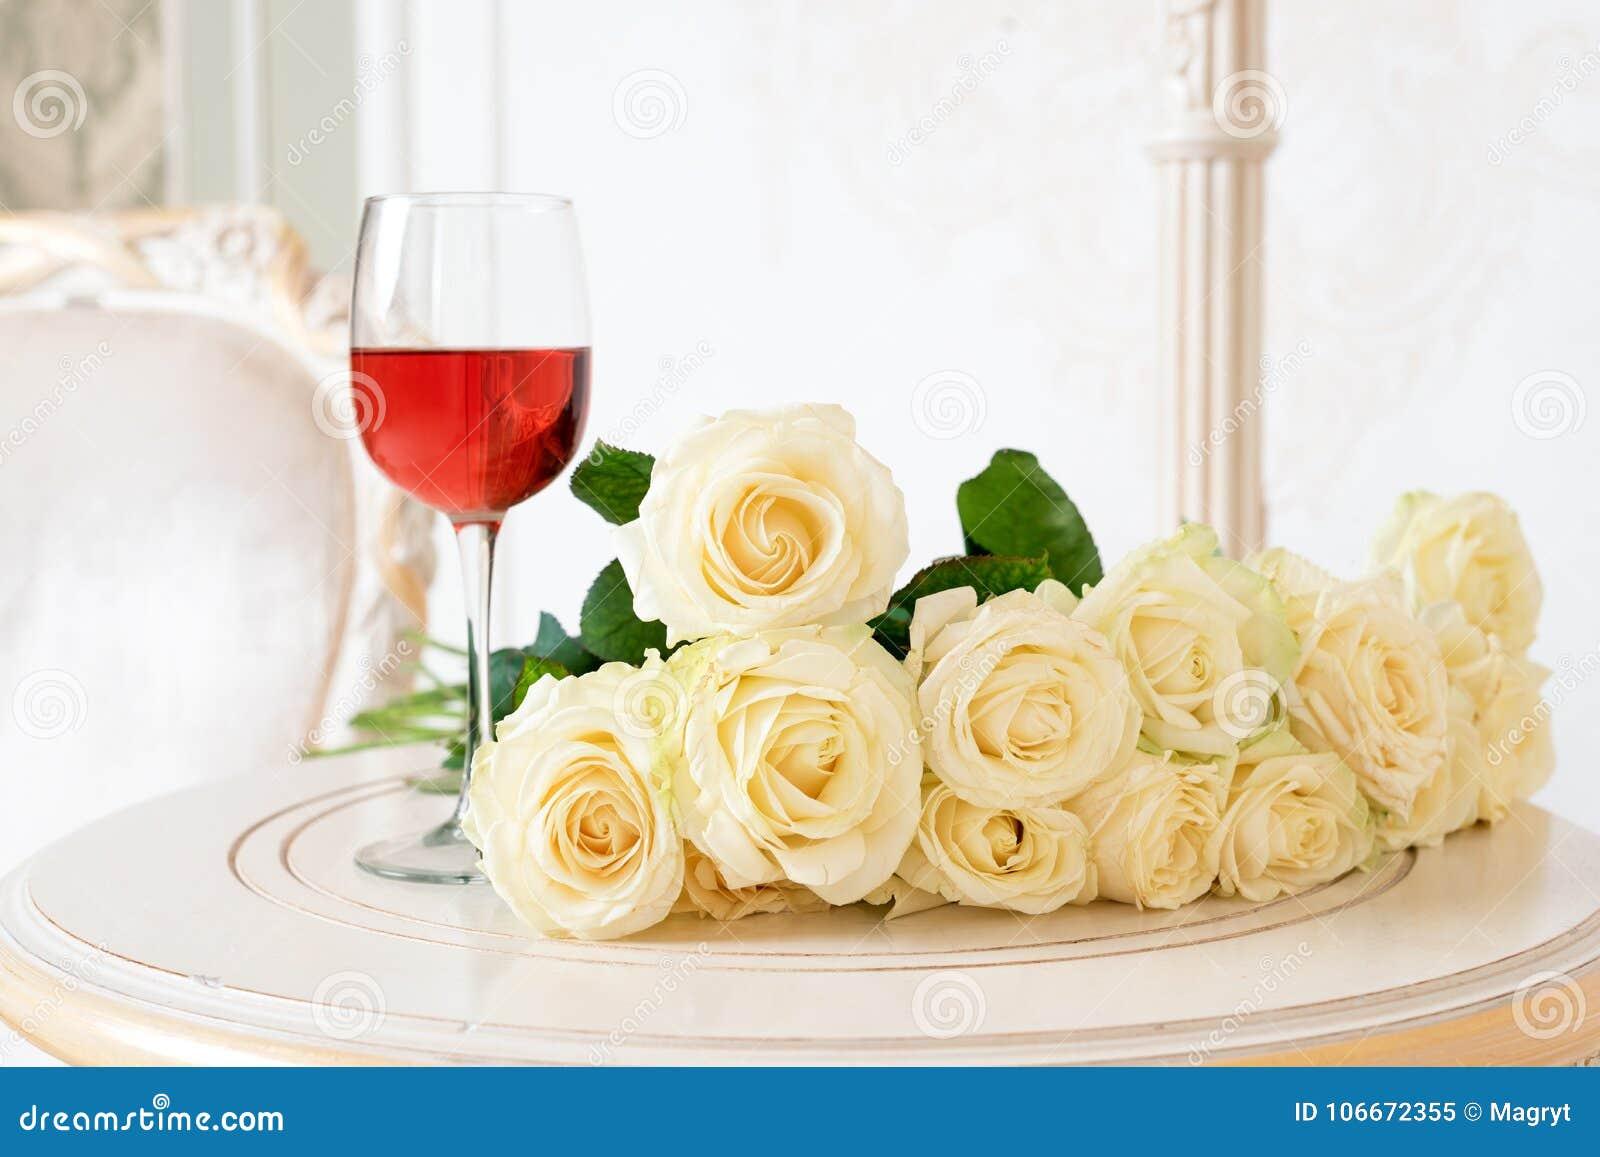 与酒杯和玫瑰的浪漫假日构成为情人节 爱、礼物和春天假日背景